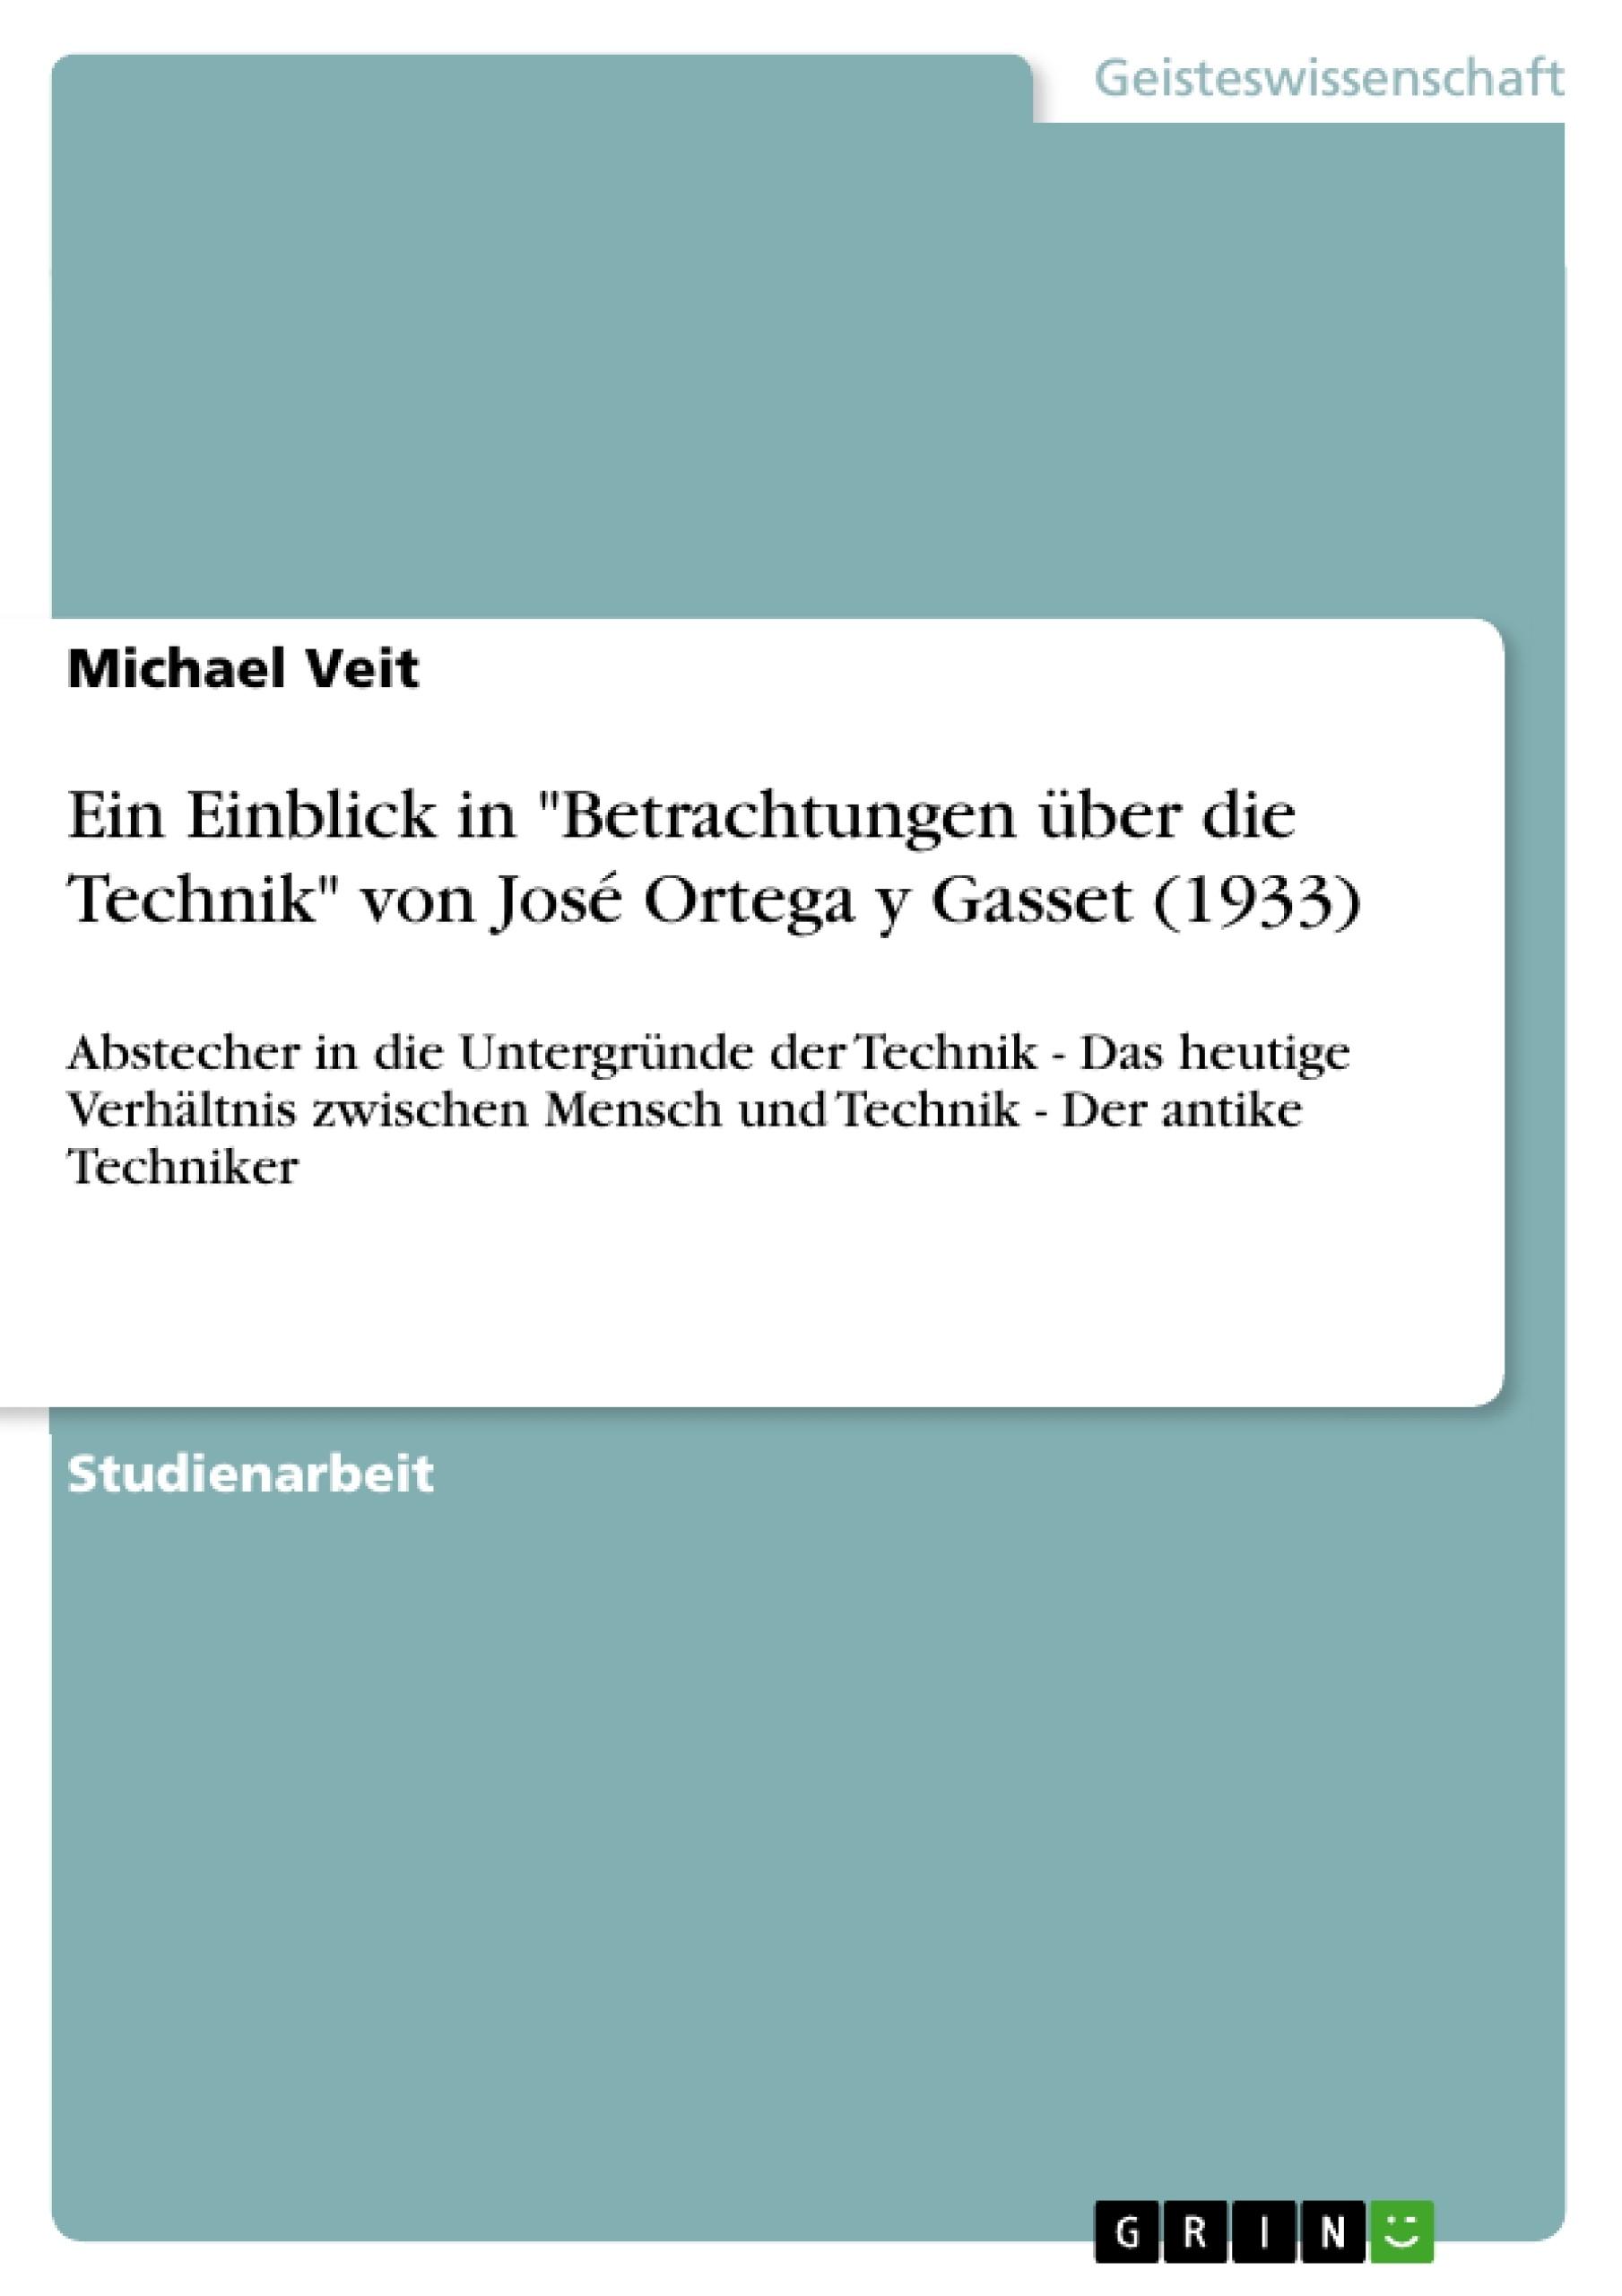 """Titel: Ein Einblick in """"Betrachtungen über die Technik"""" von José Ortega y Gasset (1933)"""